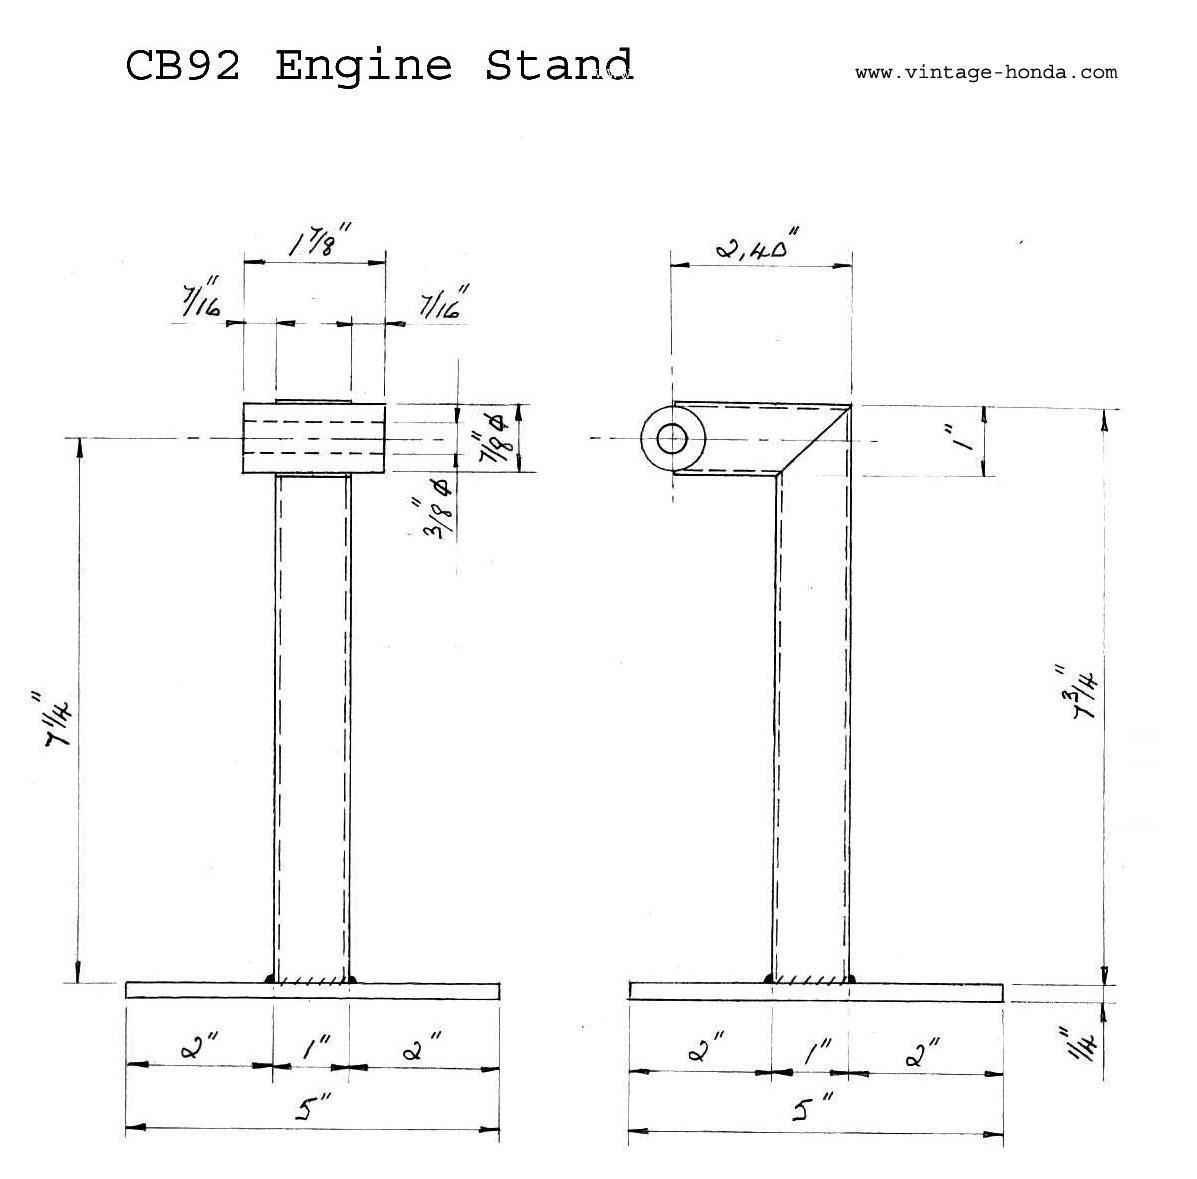 enginestand tools